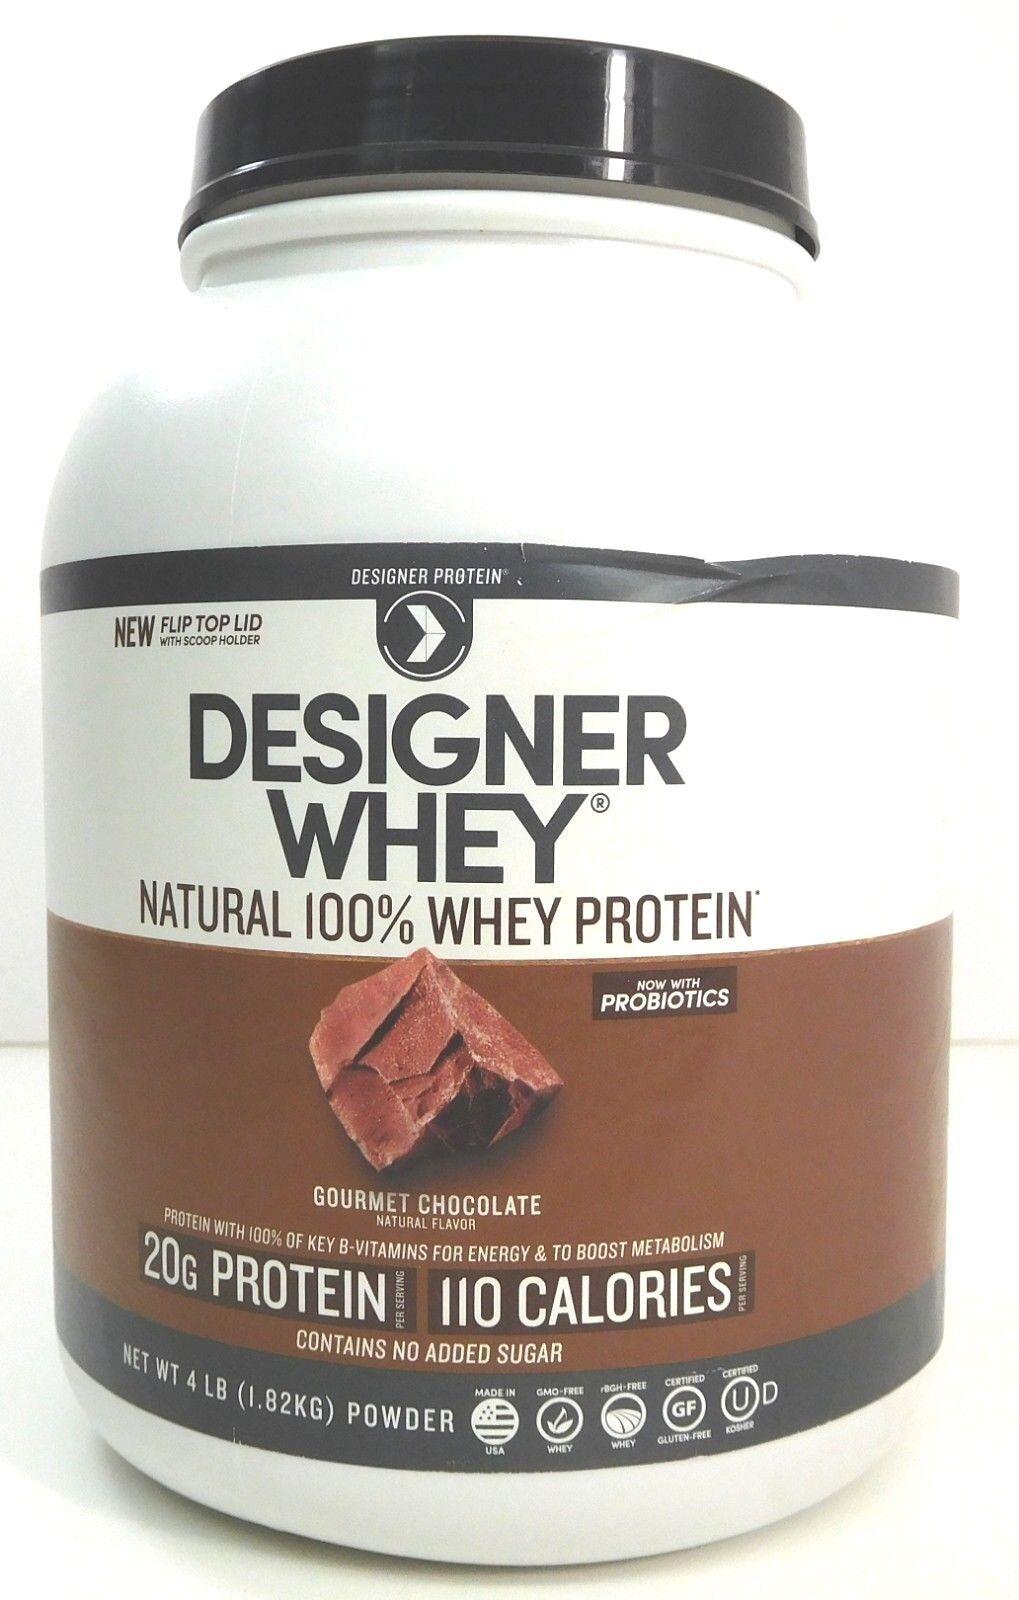 Designer Protein Designer Whey Natural 100% Whey Protein Gou